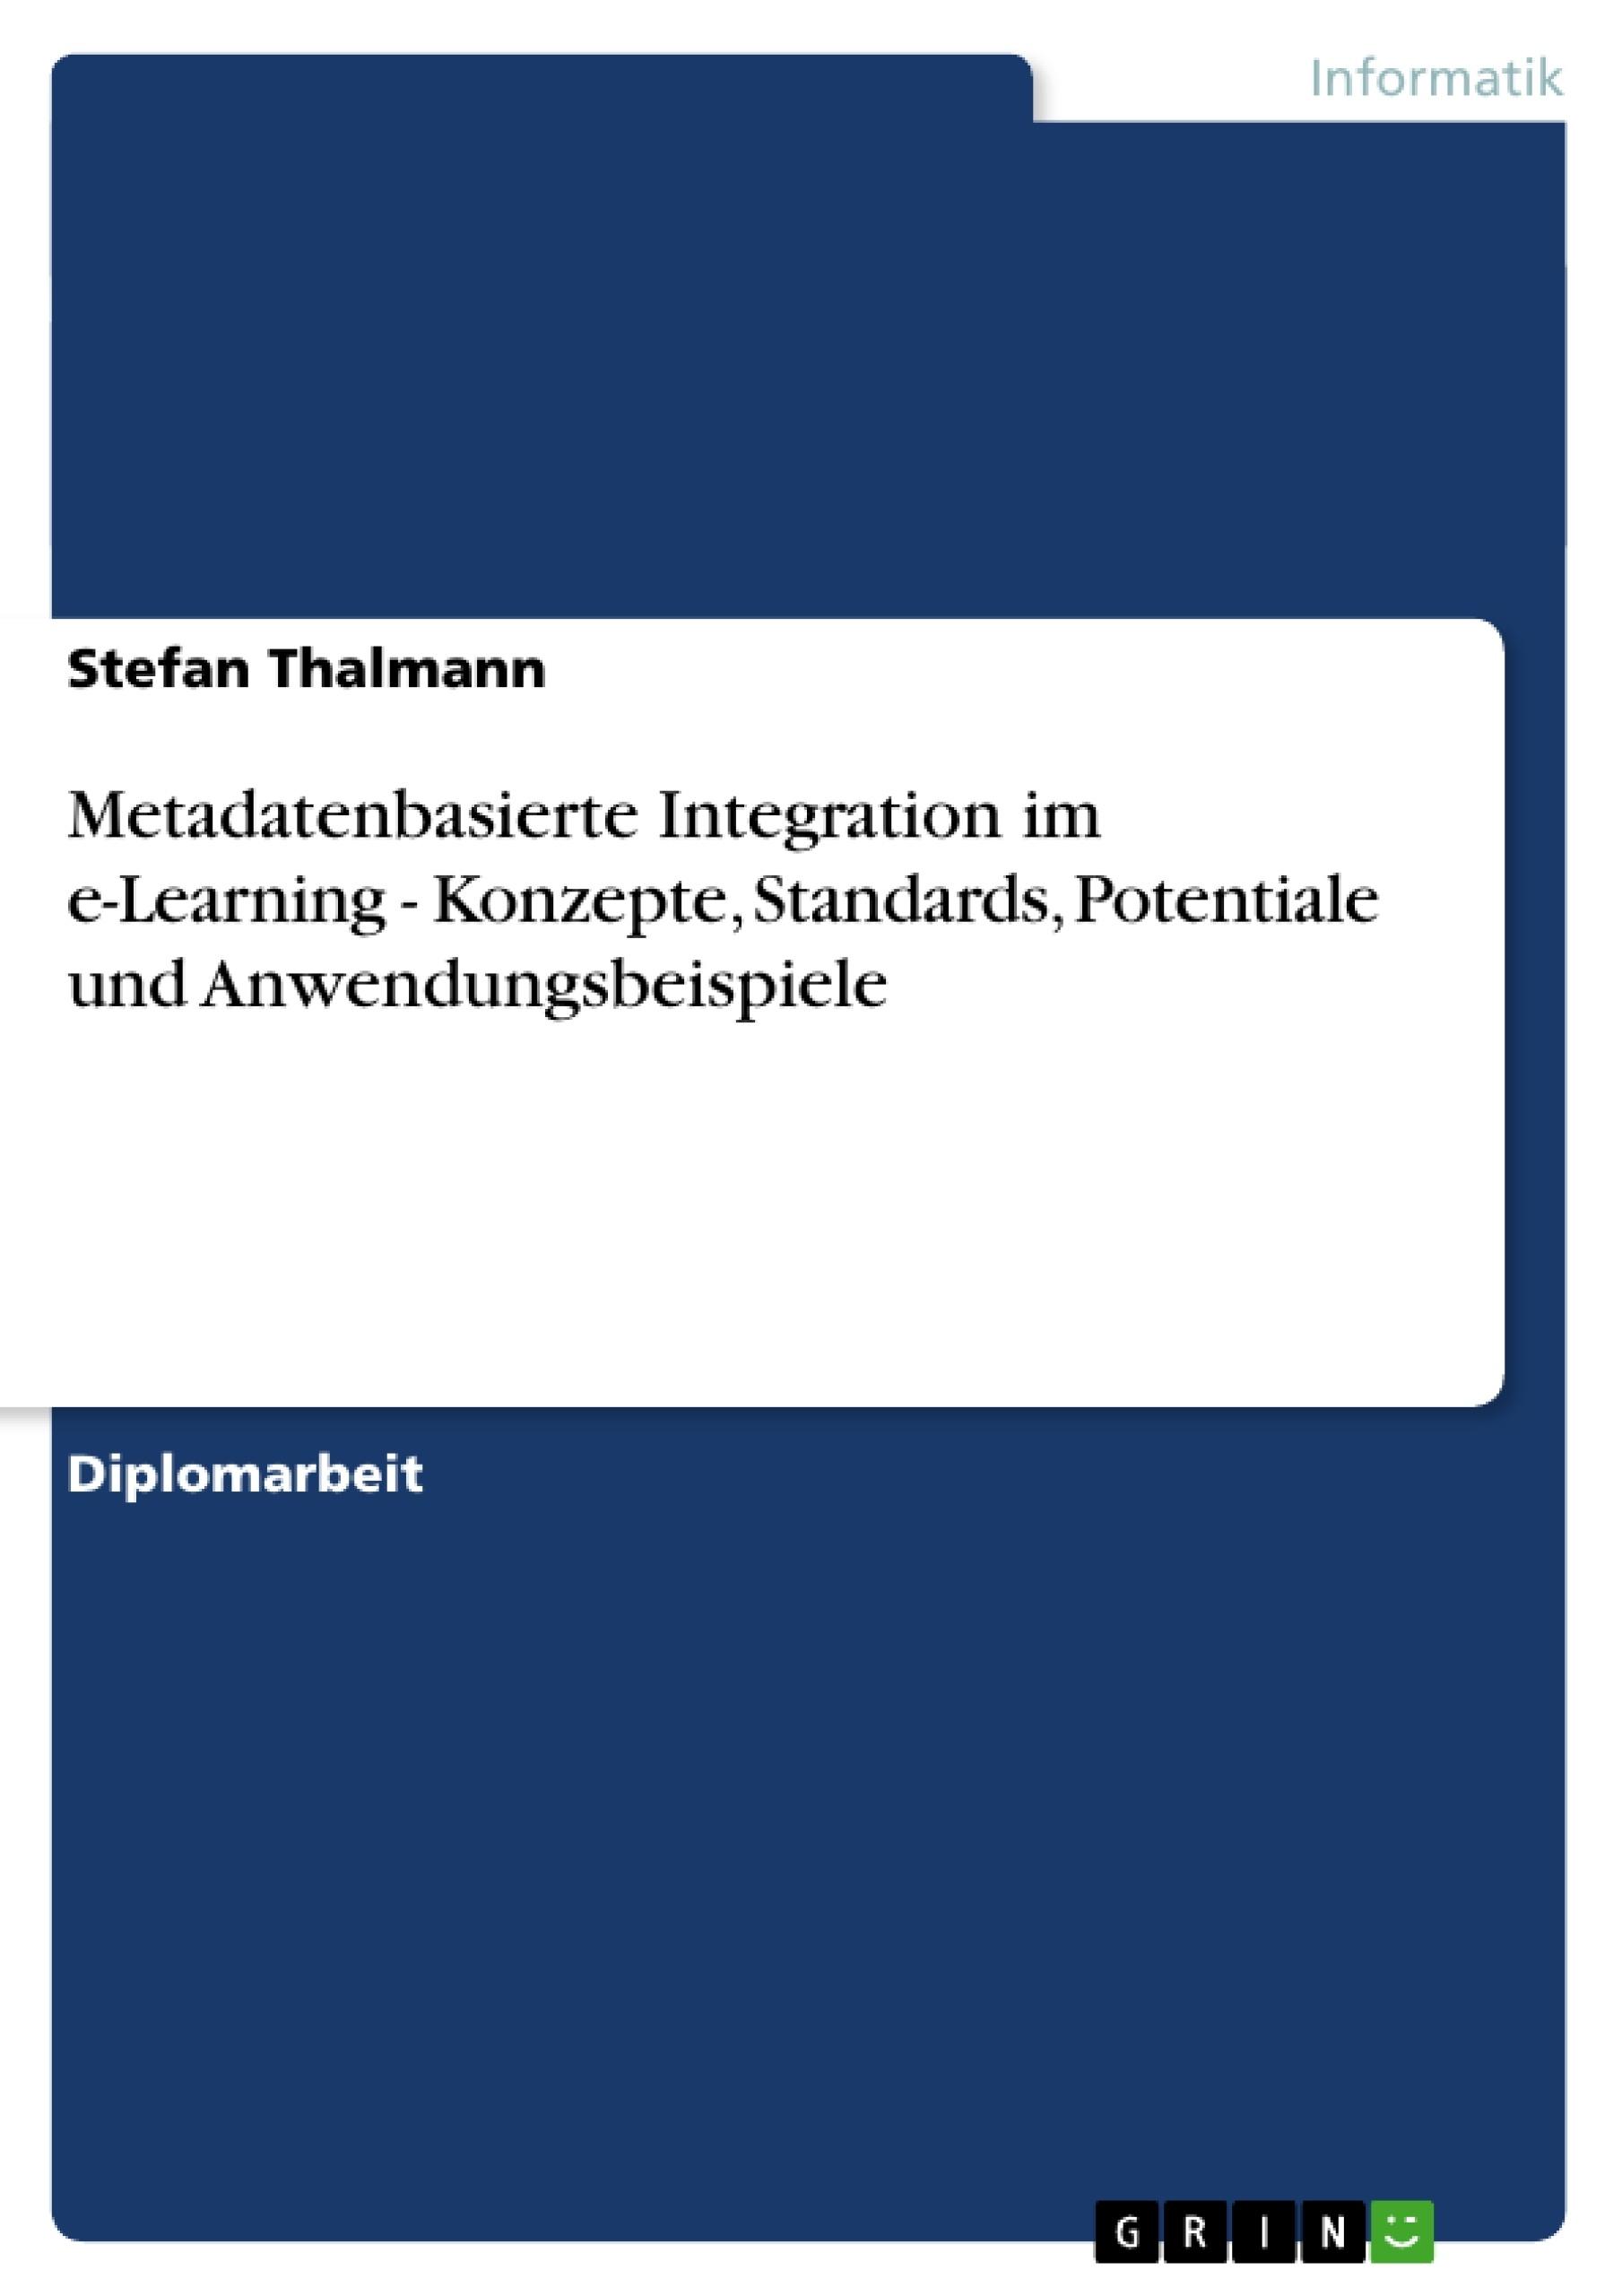 Titel: Metadatenbasierte Integration im e-Learning - Konzepte, Standards, Potentiale und Anwendungsbeispiele